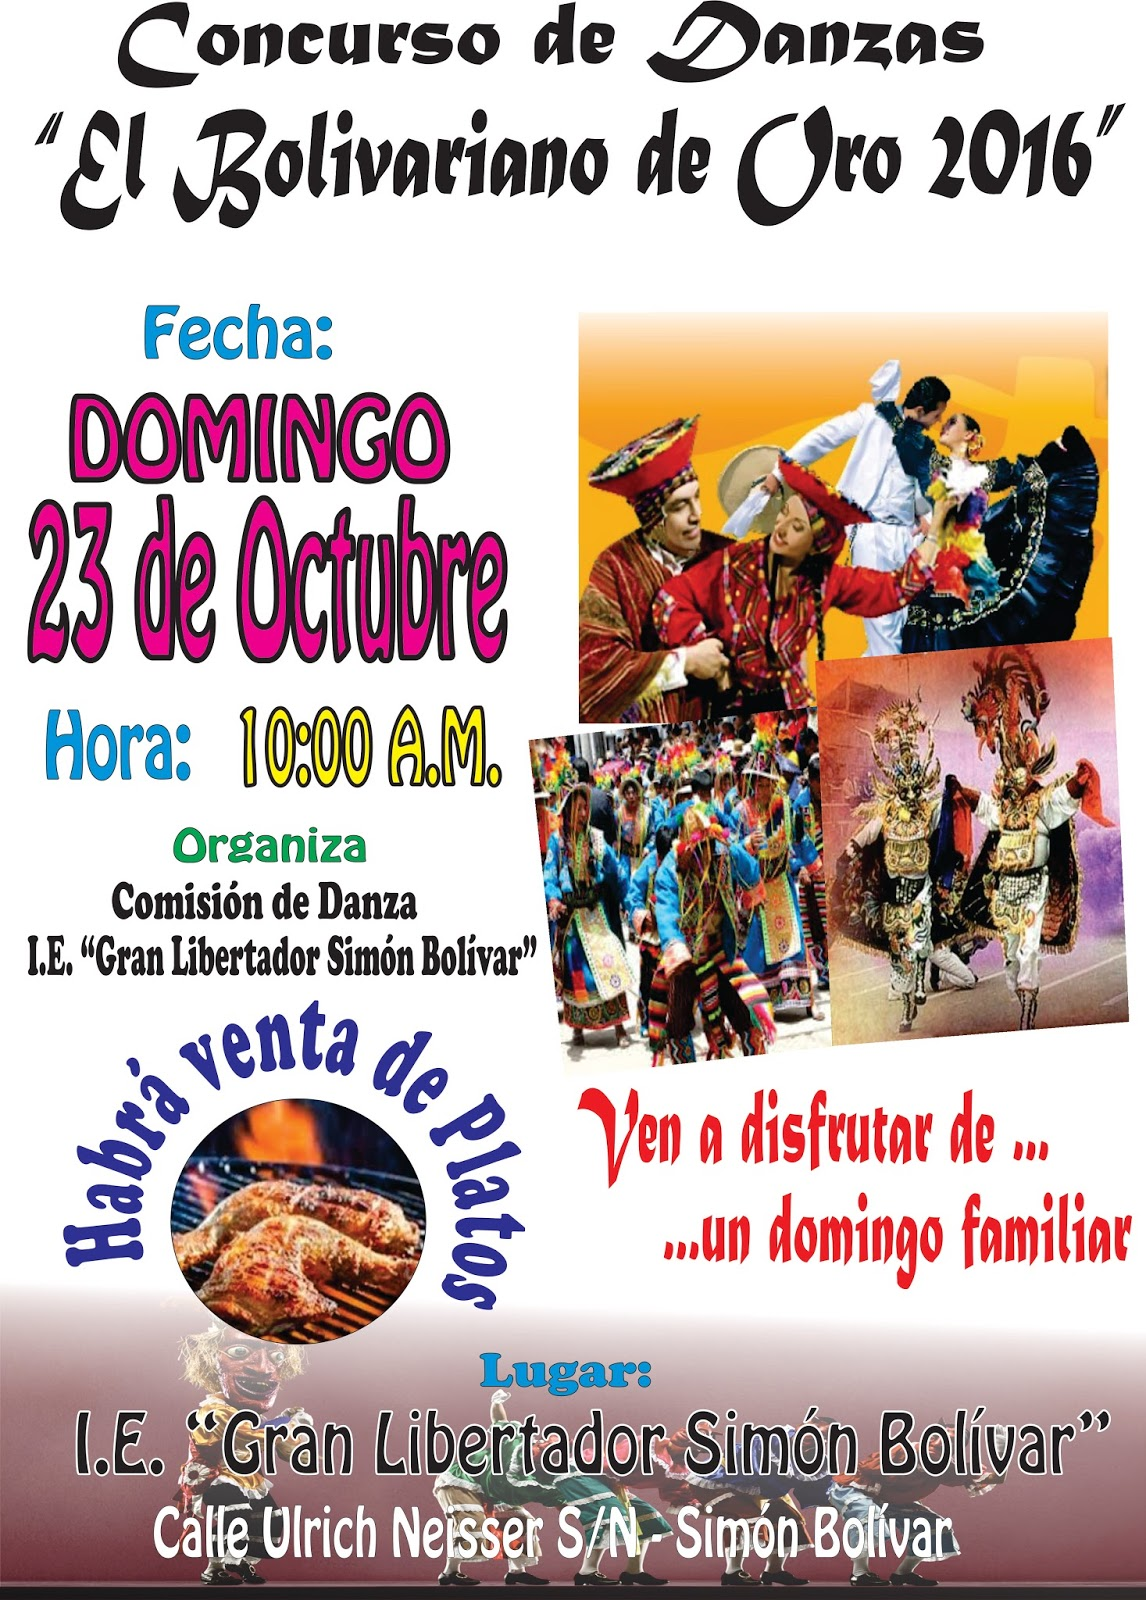 Concurso de danzas el bolivariano de oro 2016 noticias for Plazas disponibles para el concurso docente 2016